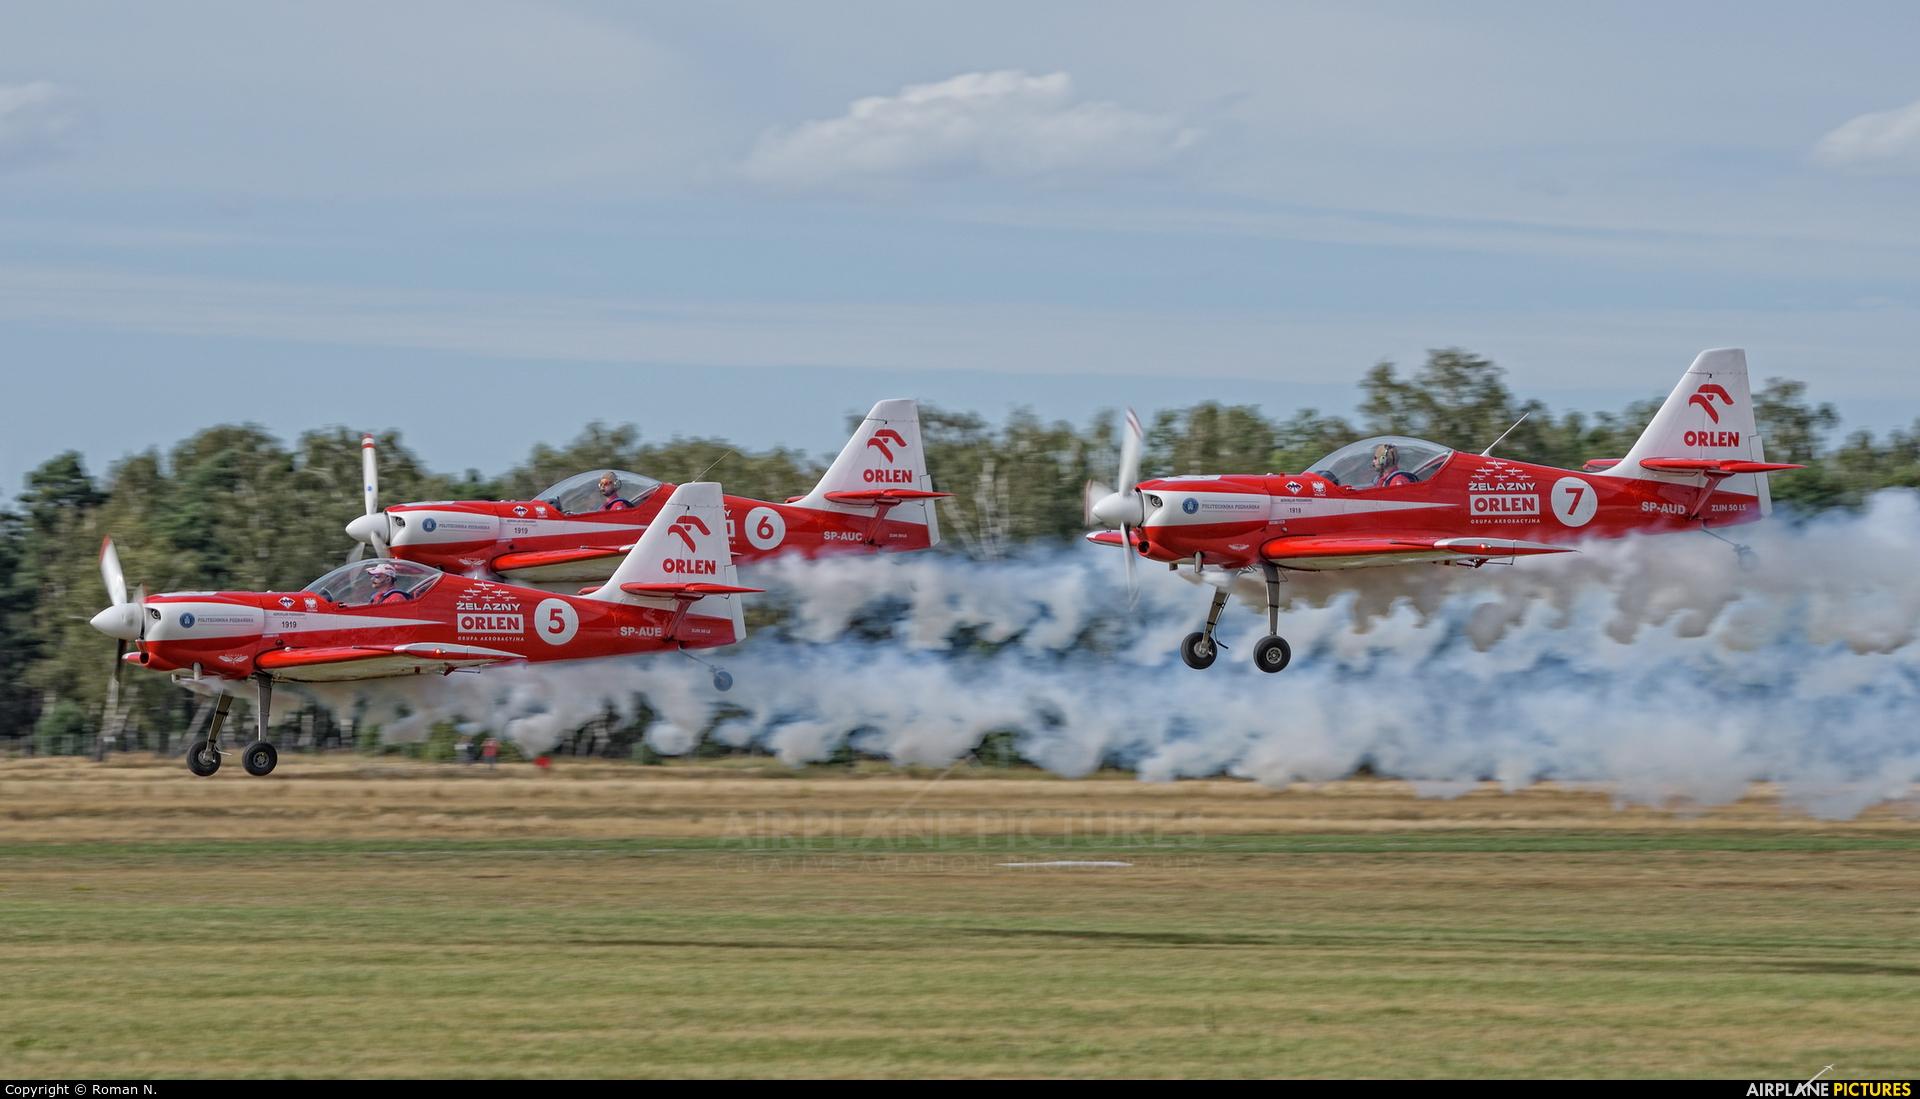 Grupa Akrobacyjna Żelazny - Acrobatic Group - aircraft at Leszno - Strzyżewice